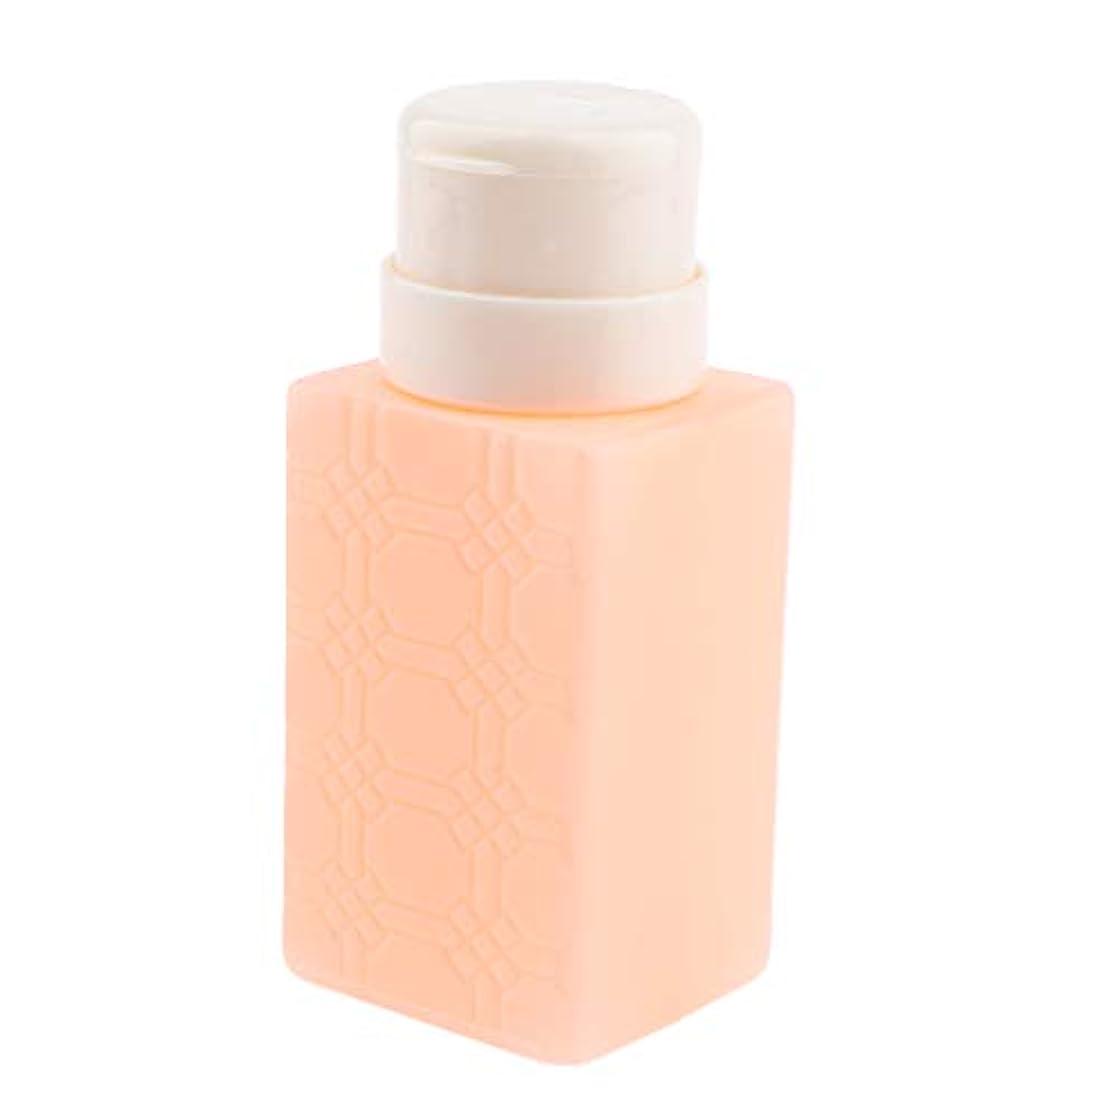 環境保護主義者真夜中より平らなネイルアート ディスペンサー アクリルリムーバー ポンプボトル 耐久性 4色選べ - オレンジ